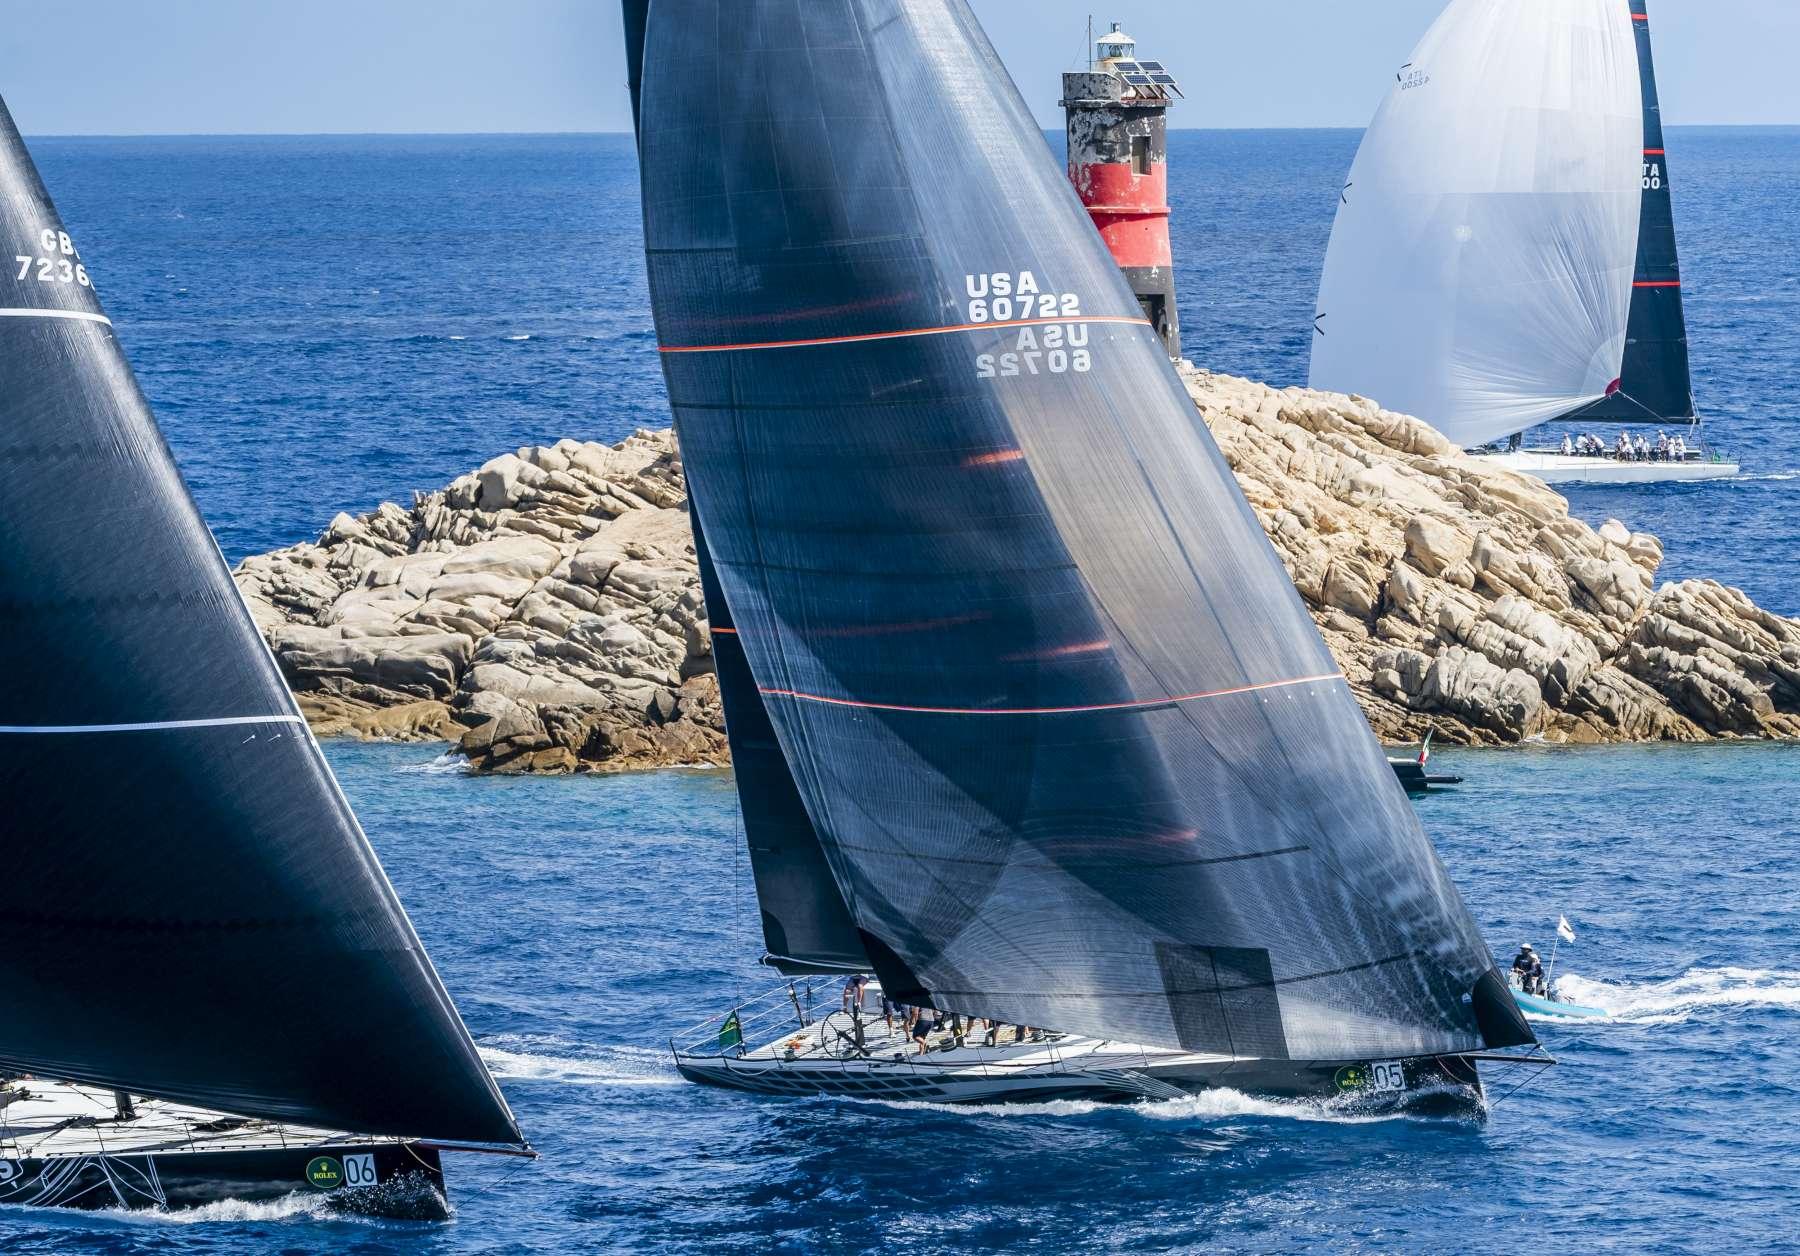 Online il Bando di Regata della Maxi Yacht Rolex Cup 2019 - NEWS - Yacht Club Costa Smeralda